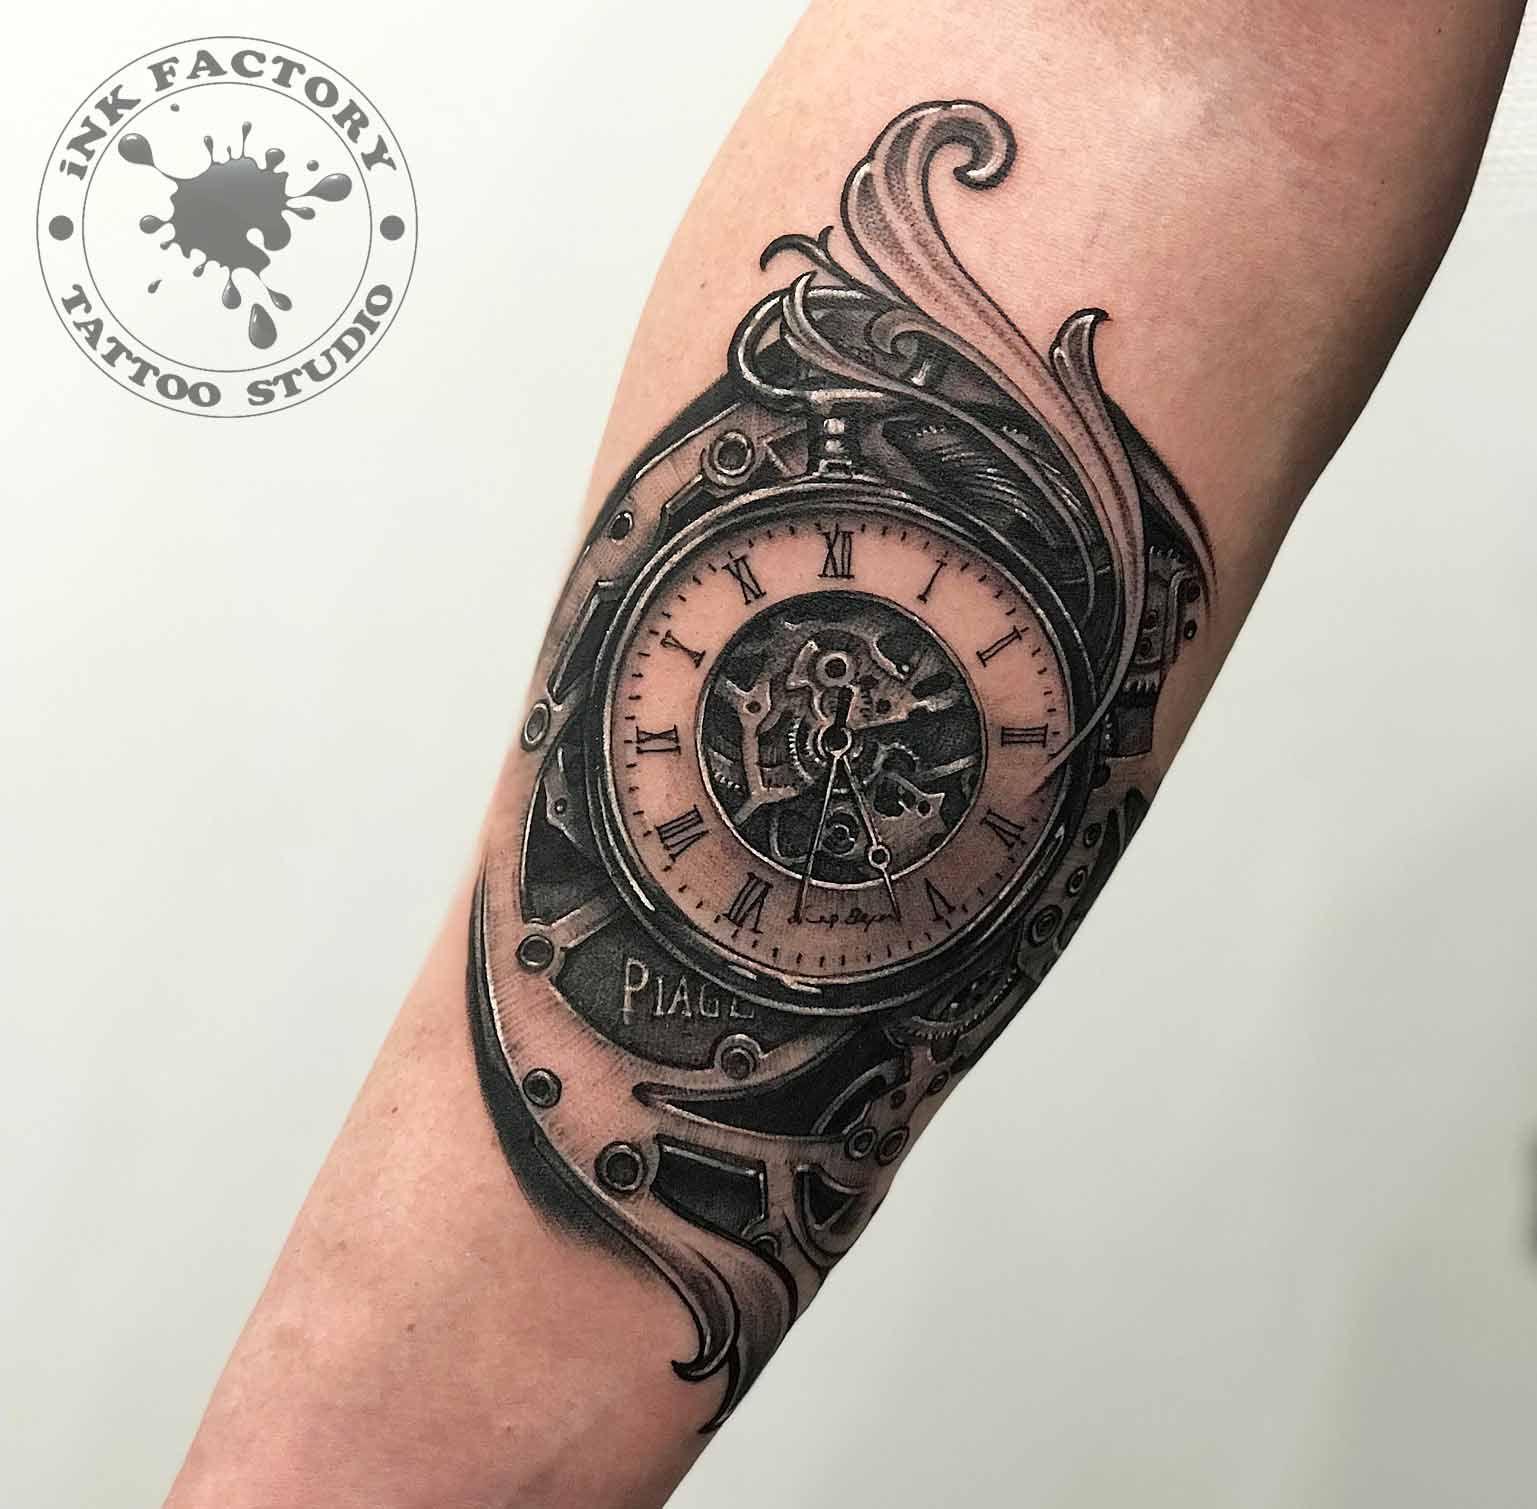 Часы с механизмами и узорами